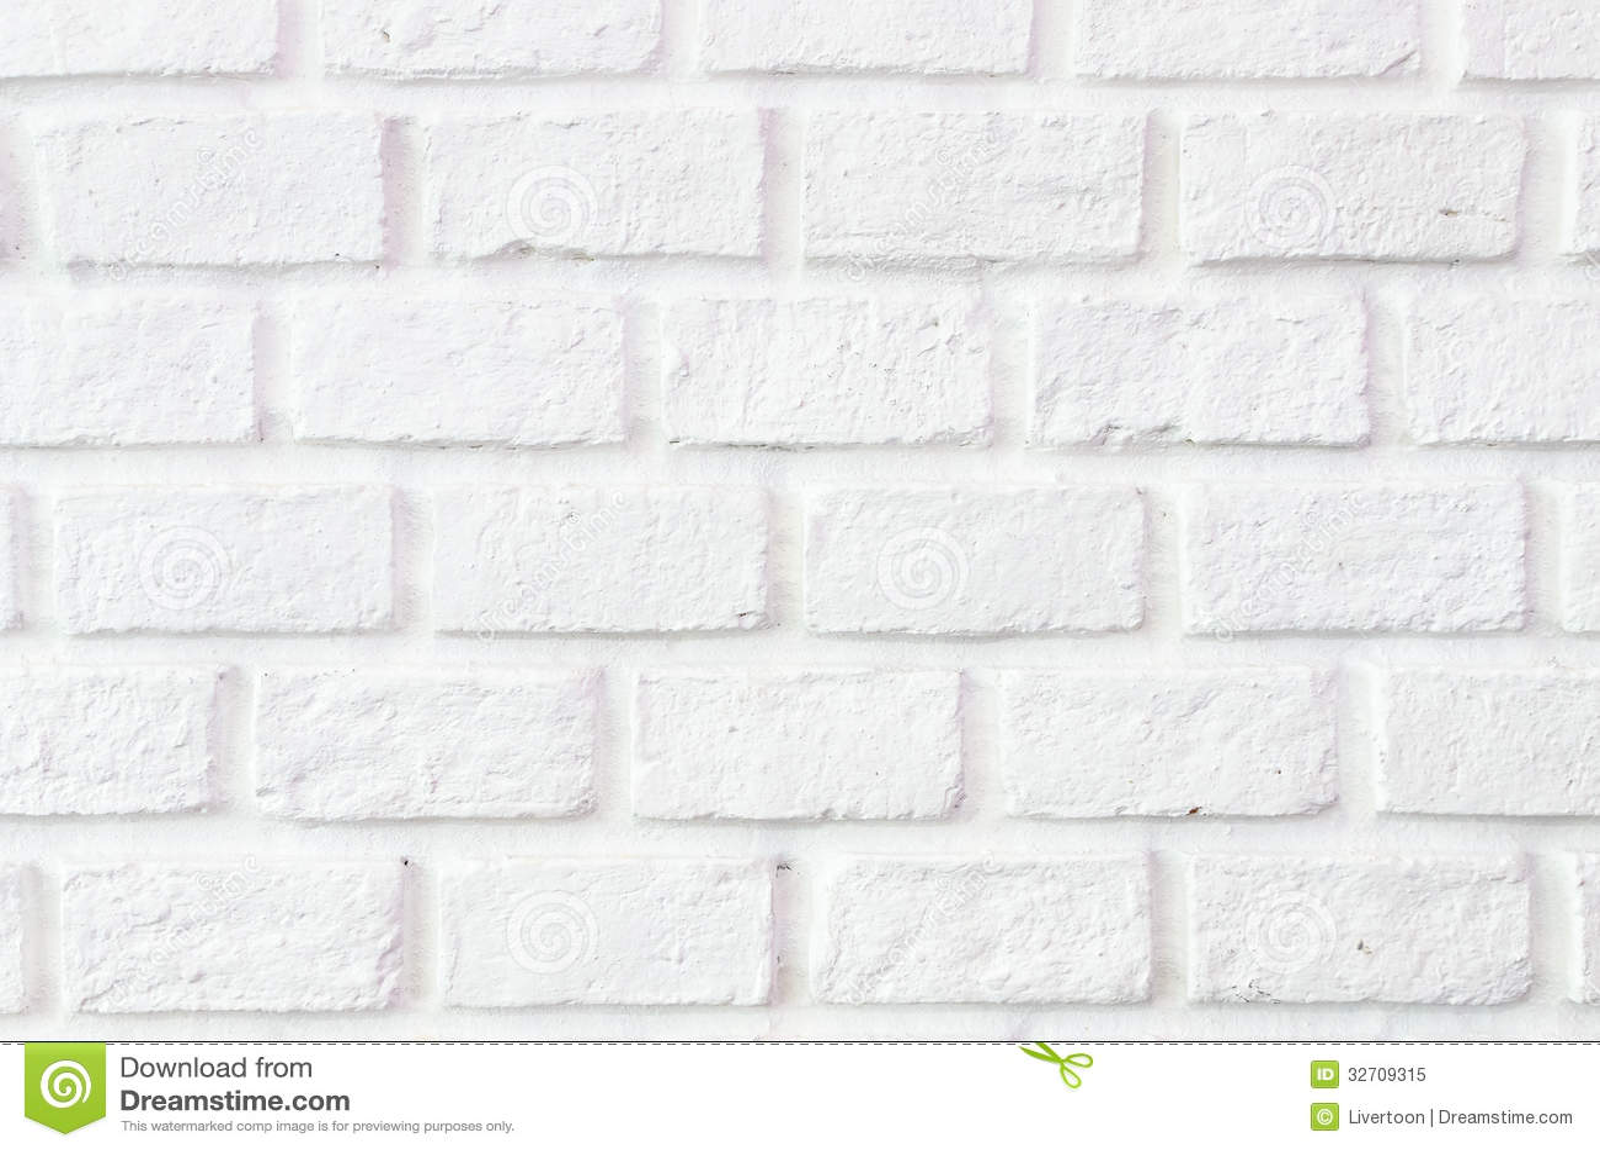 I Precedenti Bianchi Del Muro Di Mattoni Fotografia Stock Libera da Diritti - Immagine: 32709315